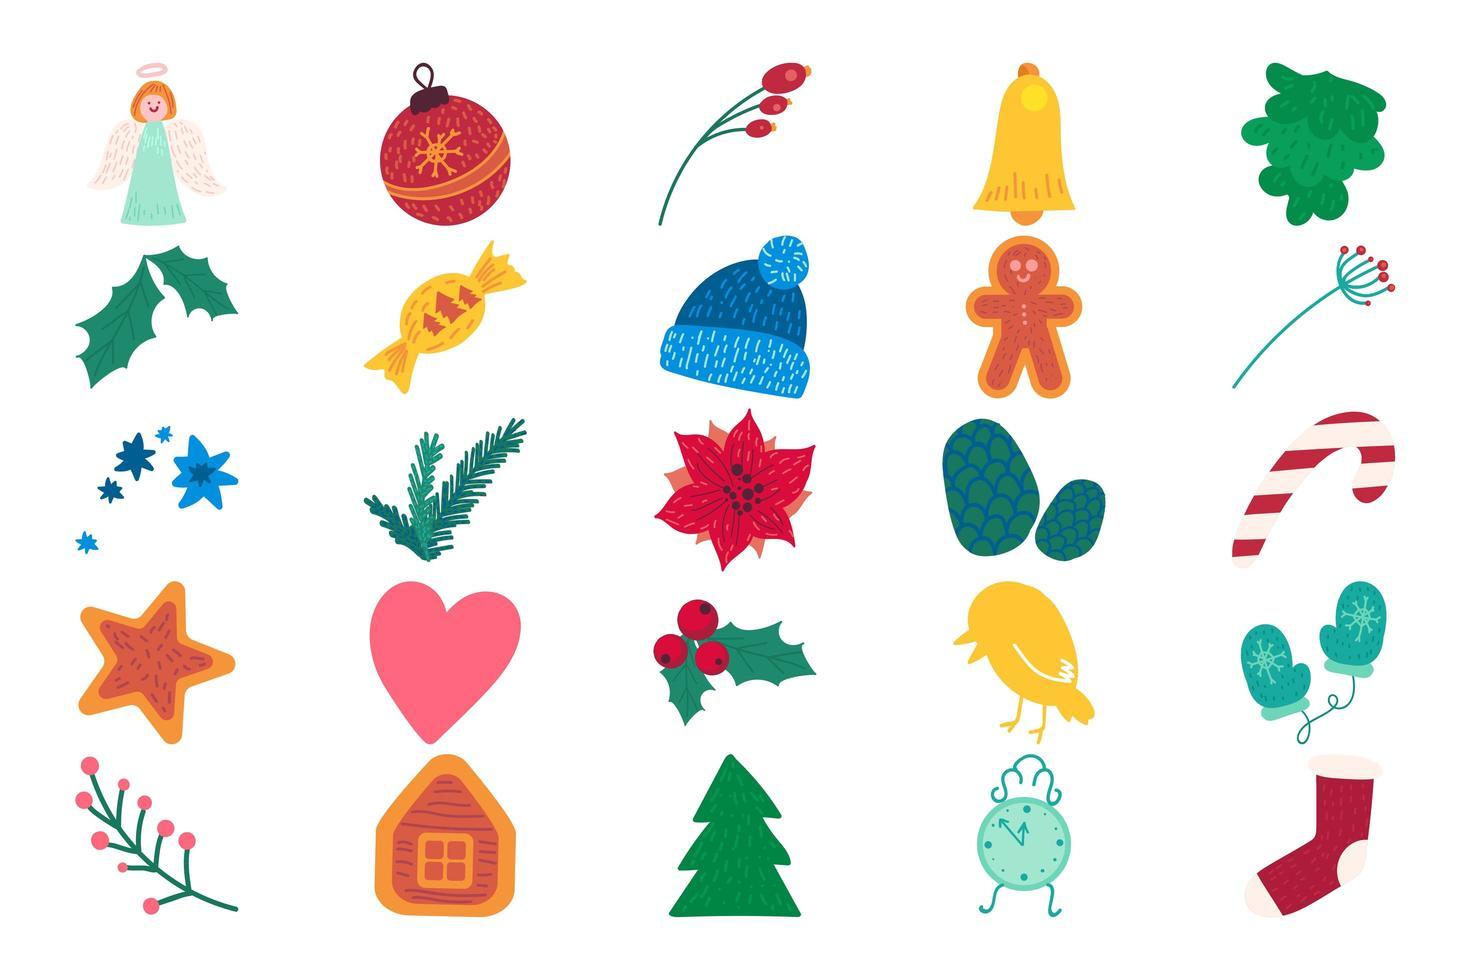 conjunto de ilustrações vetoriais planas de itens do calendário do advento do Natal vetor